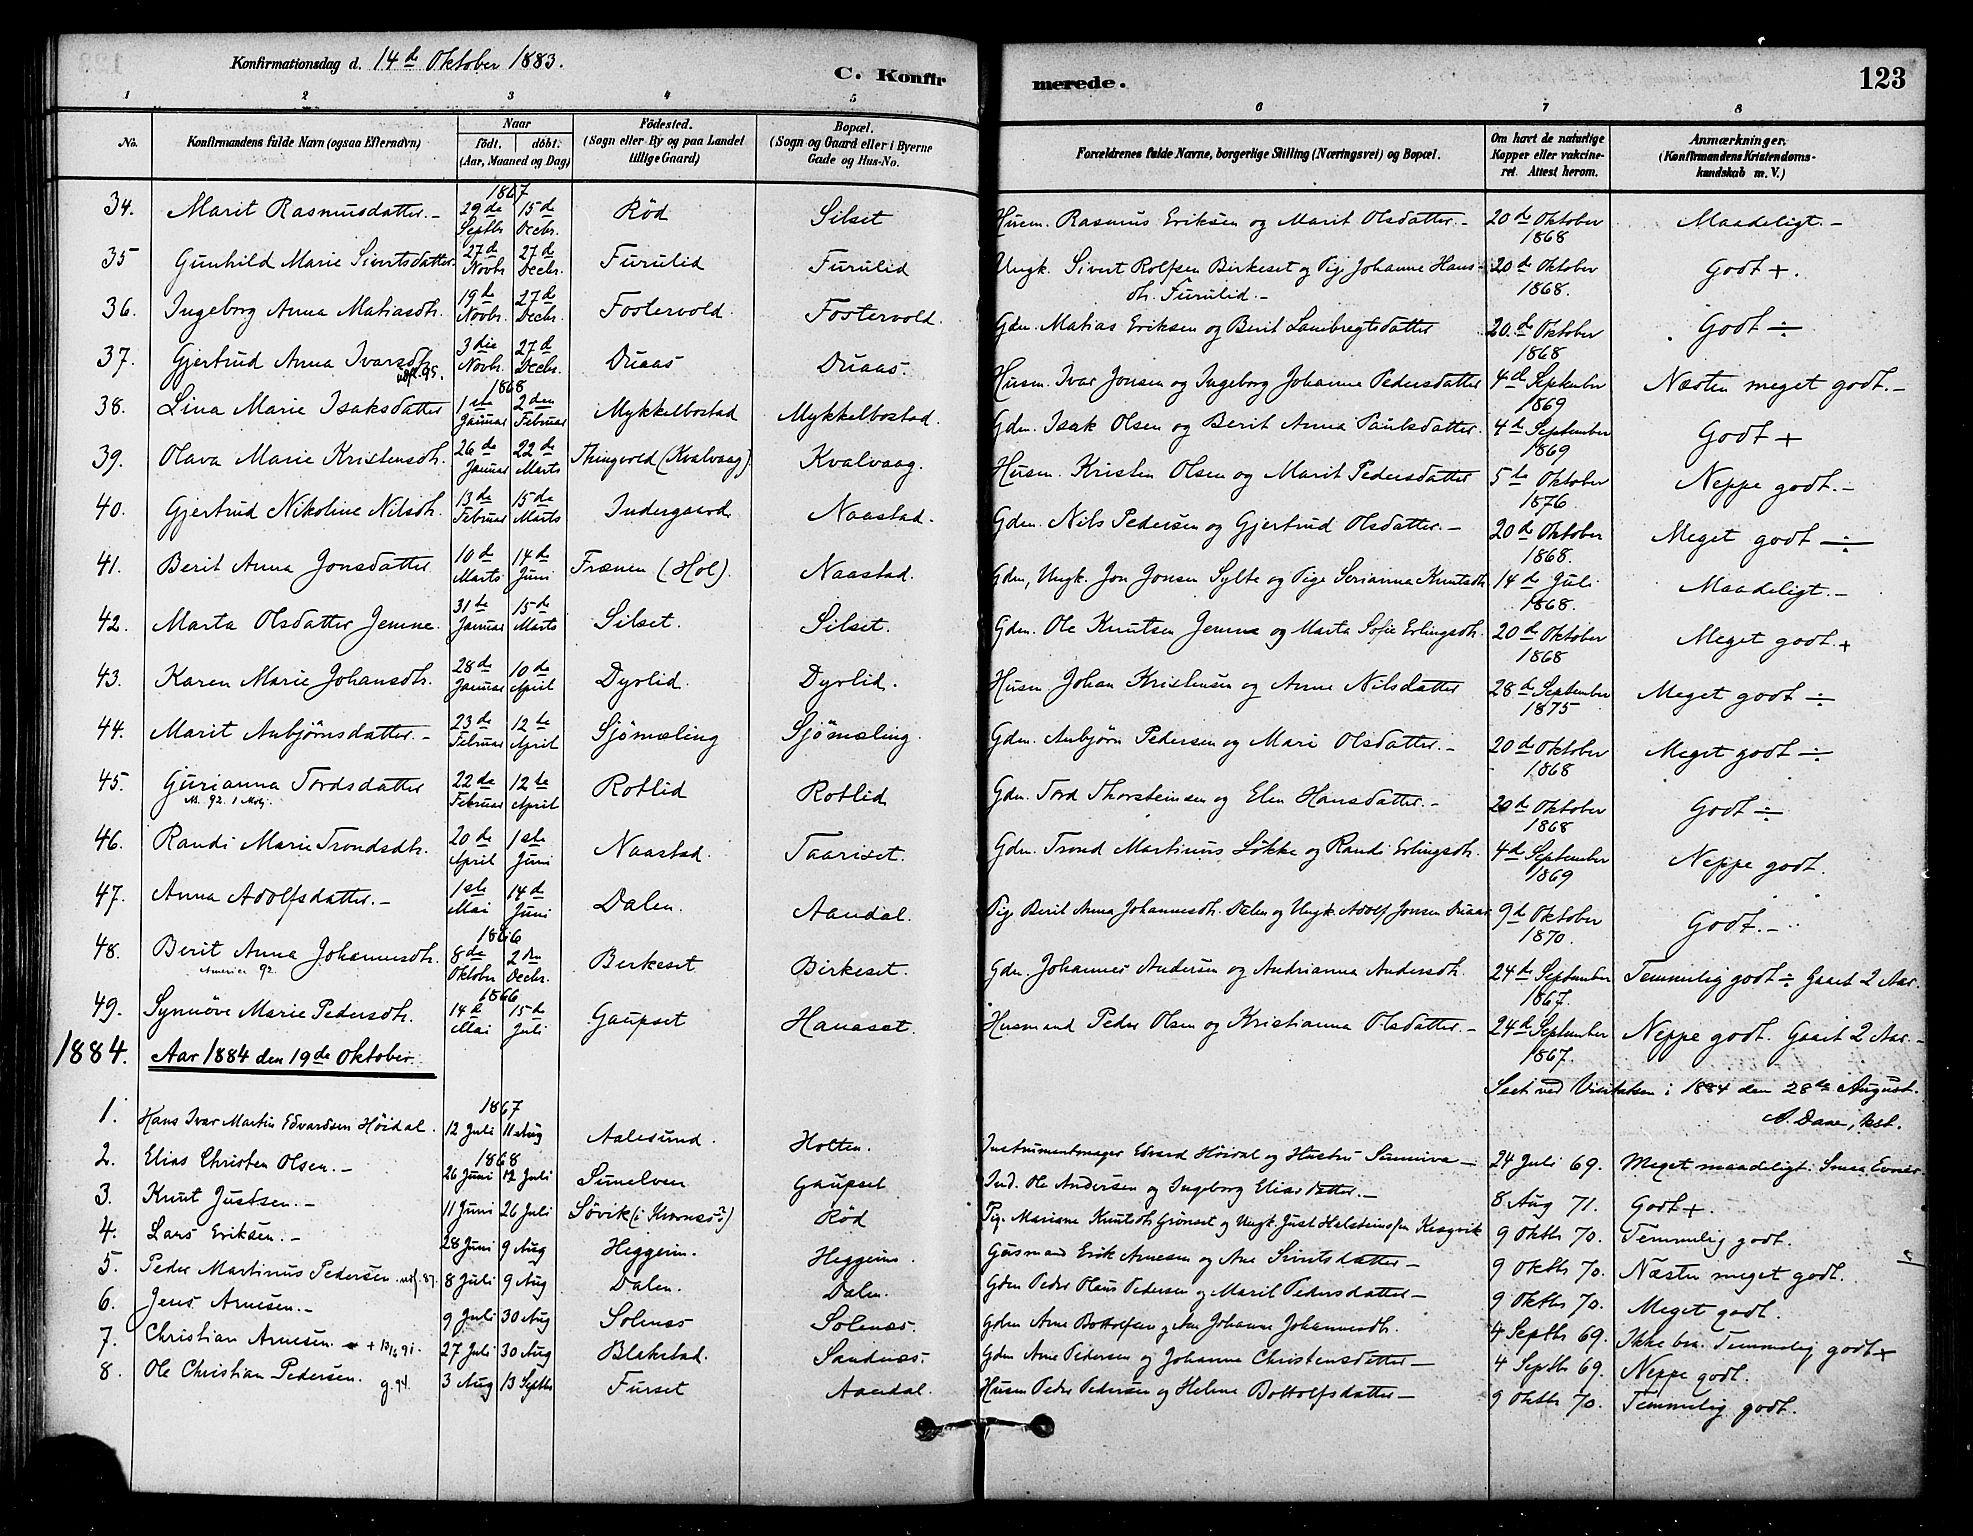 SAT, Ministerialprotokoller, klokkerbøker og fødselsregistre - Møre og Romsdal, 584/L0967: Ministerialbok nr. 584A07, 1879-1894, s. 123